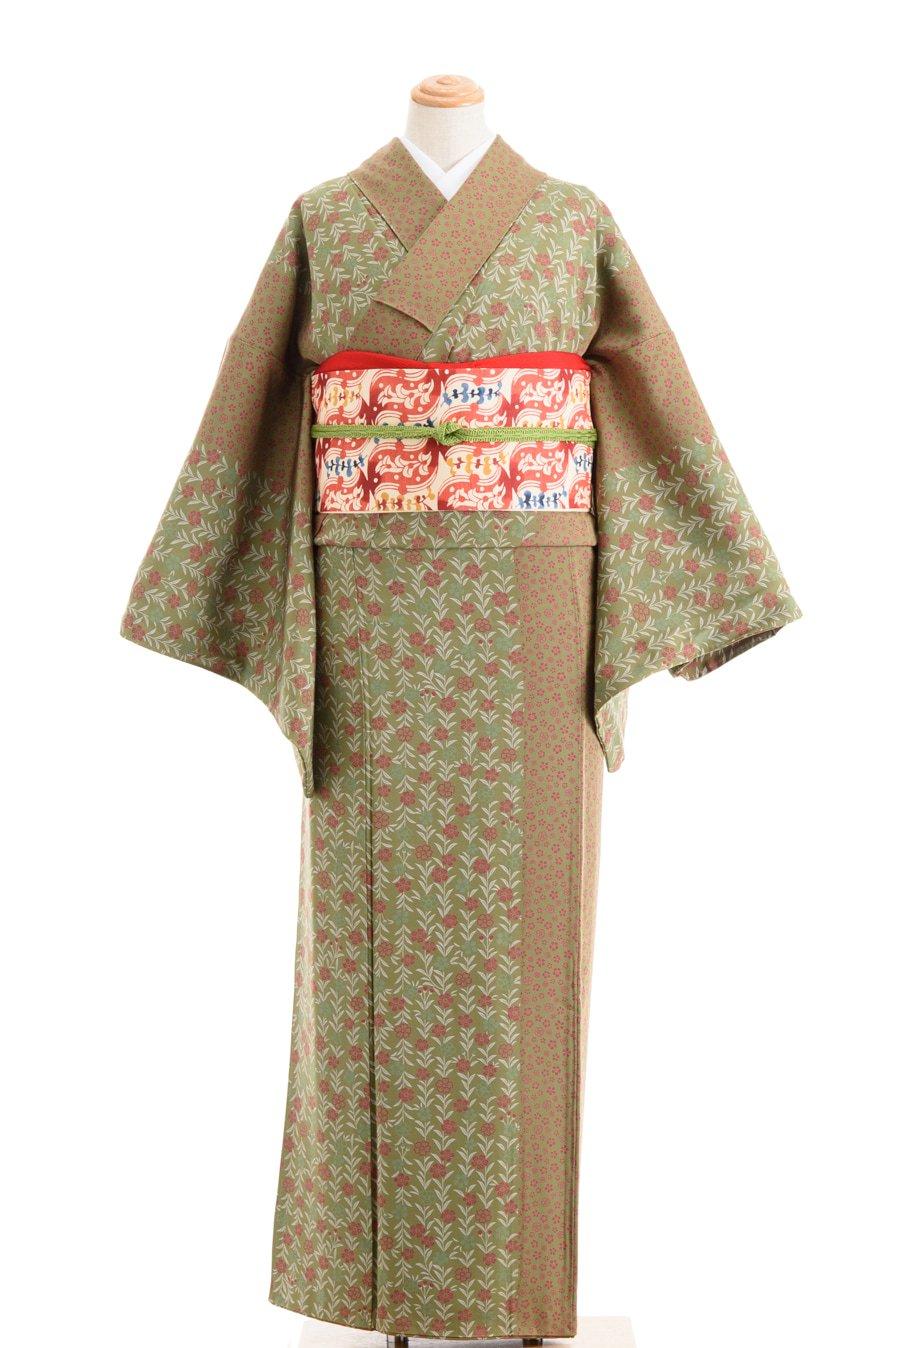 「枝垂れ桜風 桜のライン」の商品画像